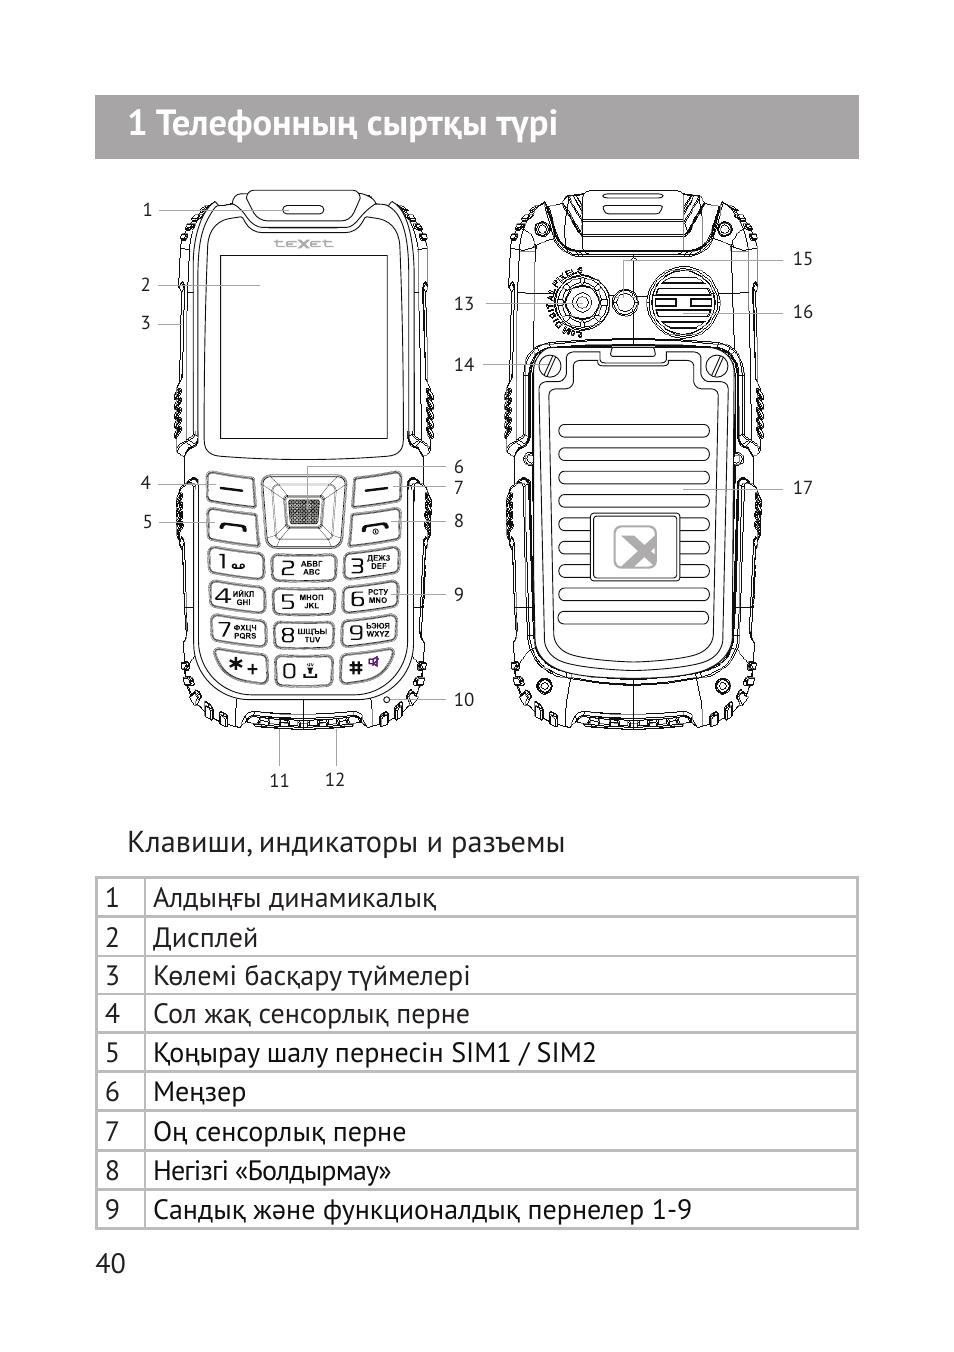 инструкция для телефона texet с большими кнопками